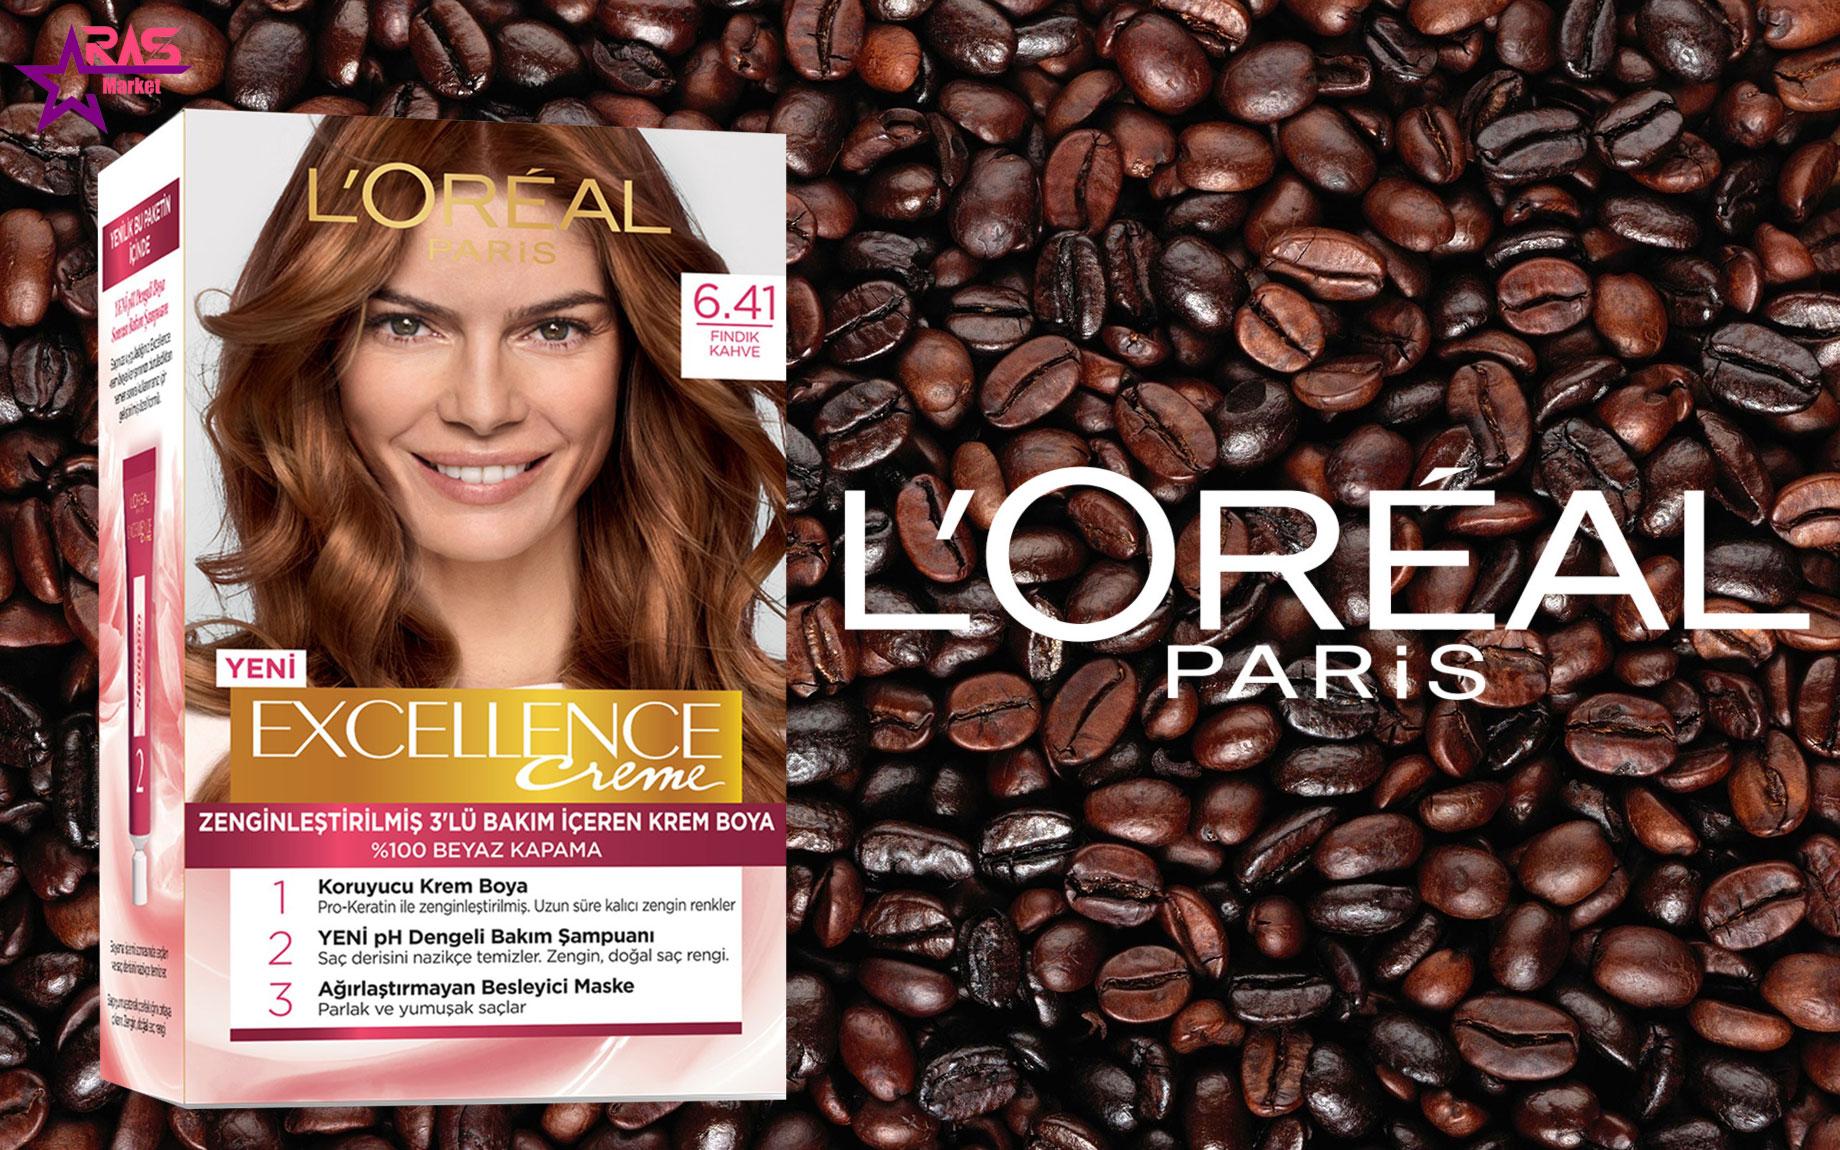 کیت رنگ مو لورآل سری Excellence شماره 6.41 ، خرید اینترنتی محصولات شوینده و بهداشتی ، بهداشت بانوان ، رنگ موی زنانه